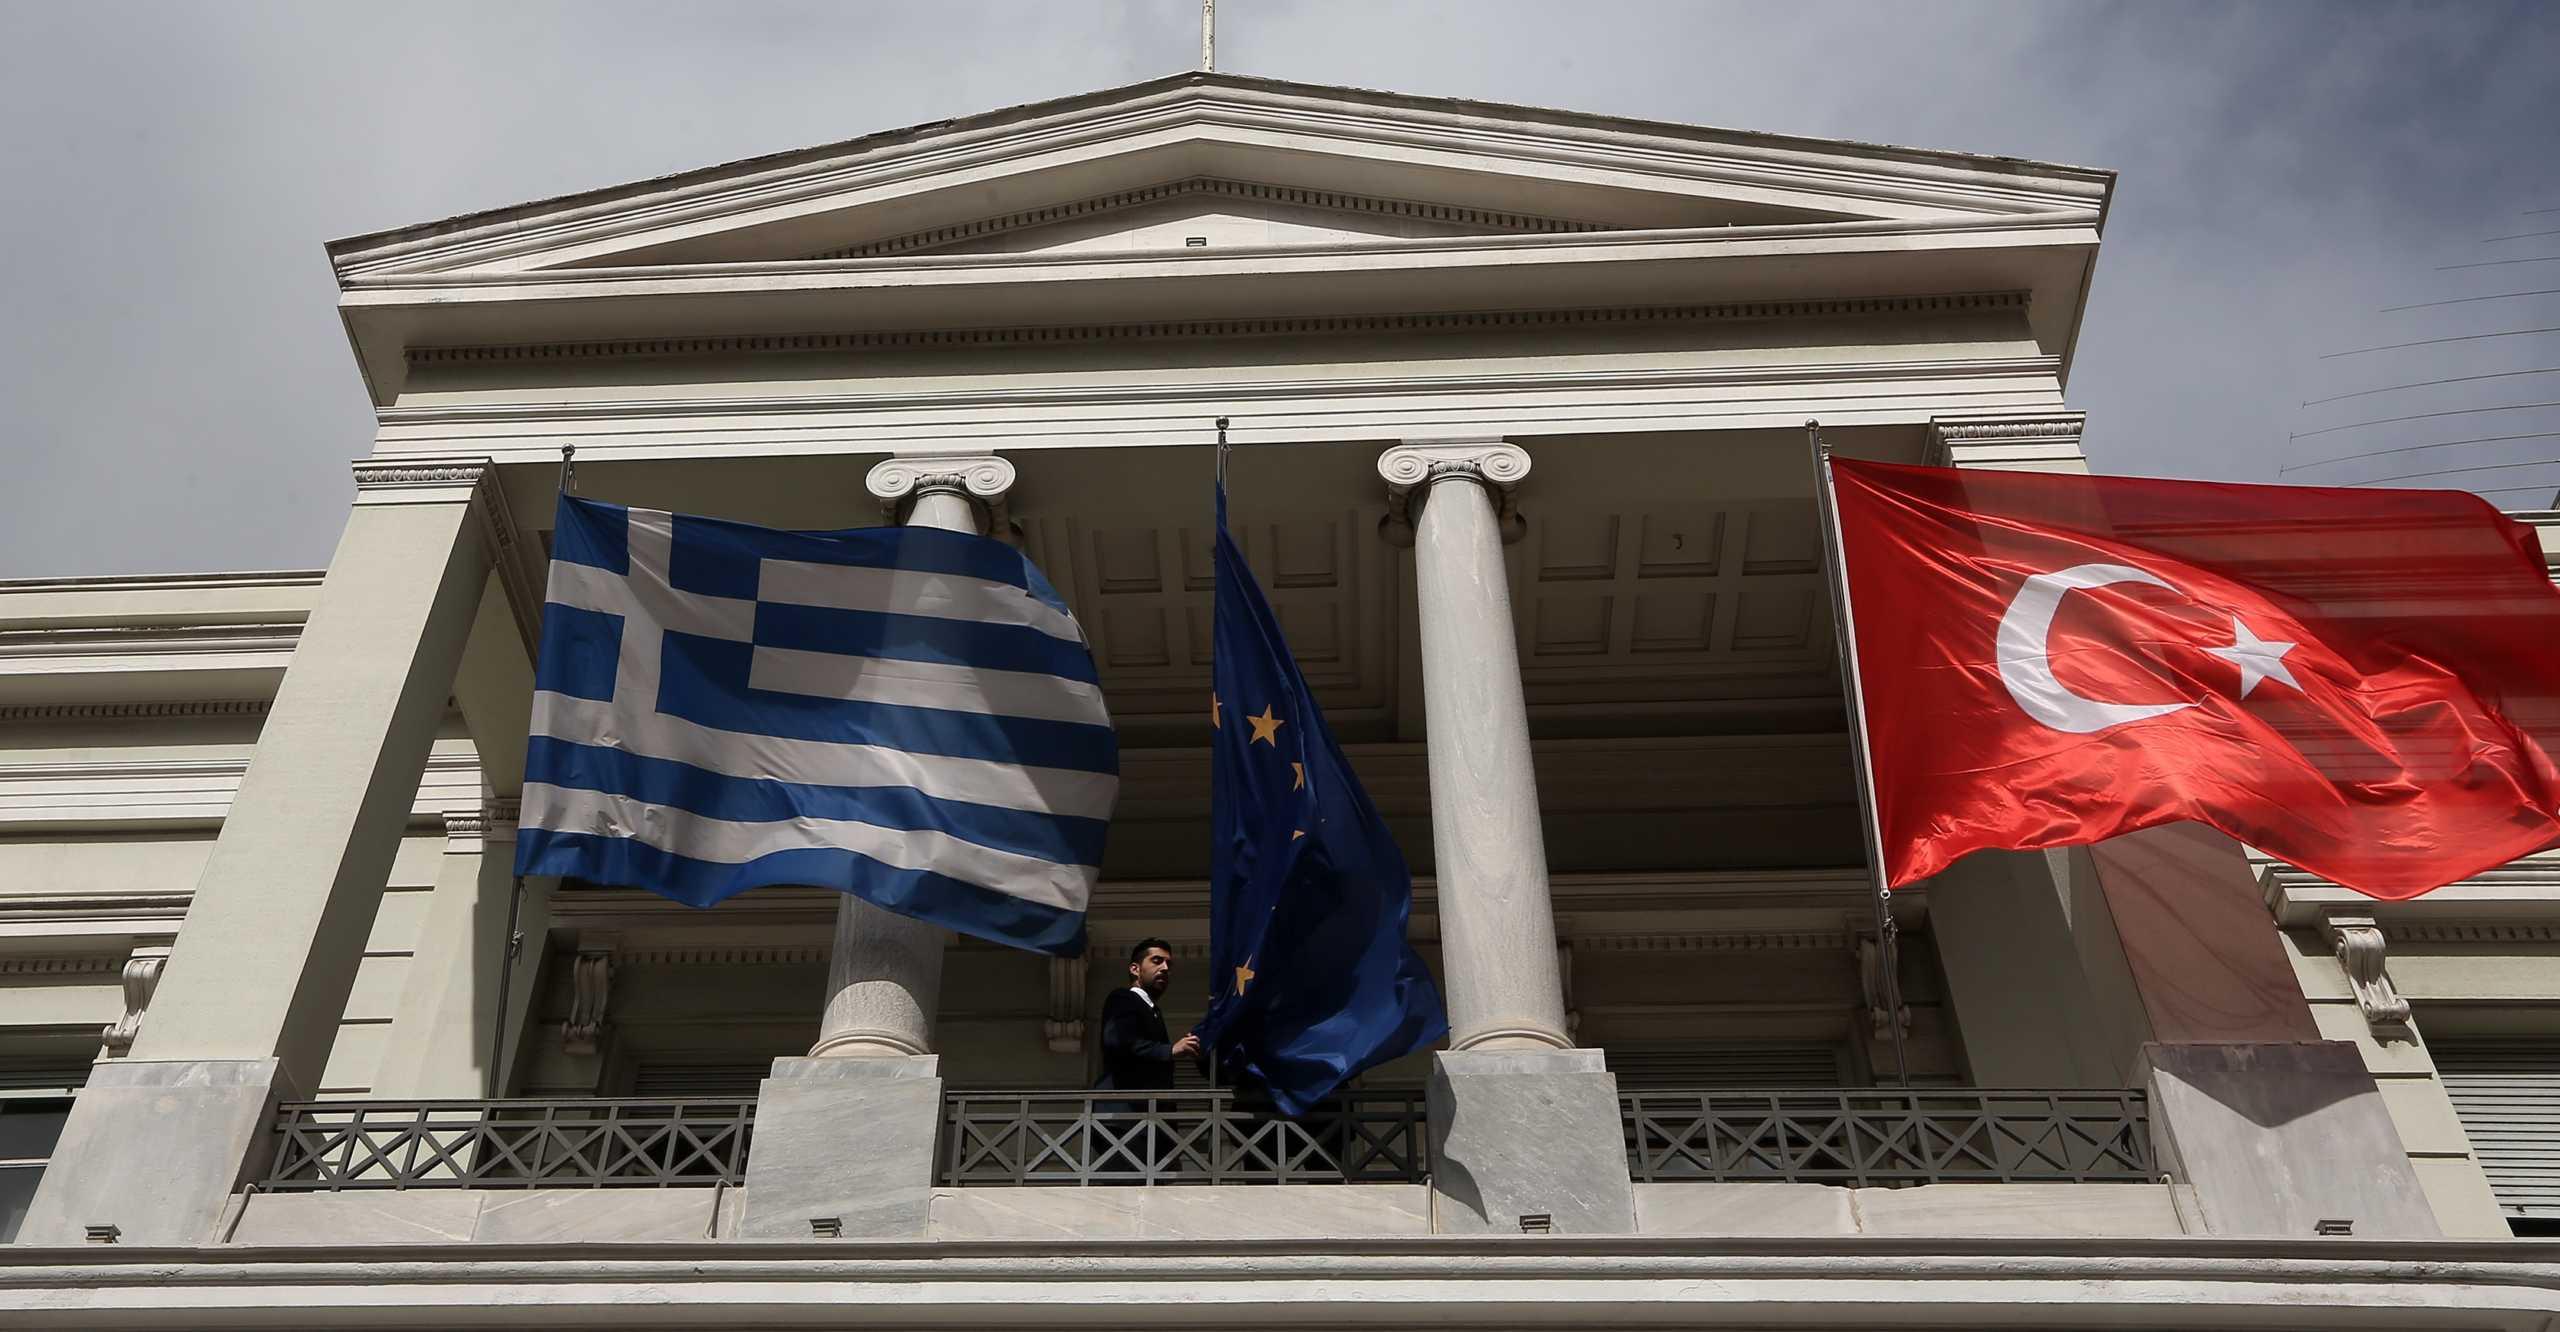 Επιμένει απειλητικά η Τουρκία για την ελληνογαλλική συμφωνία: «Προβοκάτσια» ο «Παρμενίωνας»!